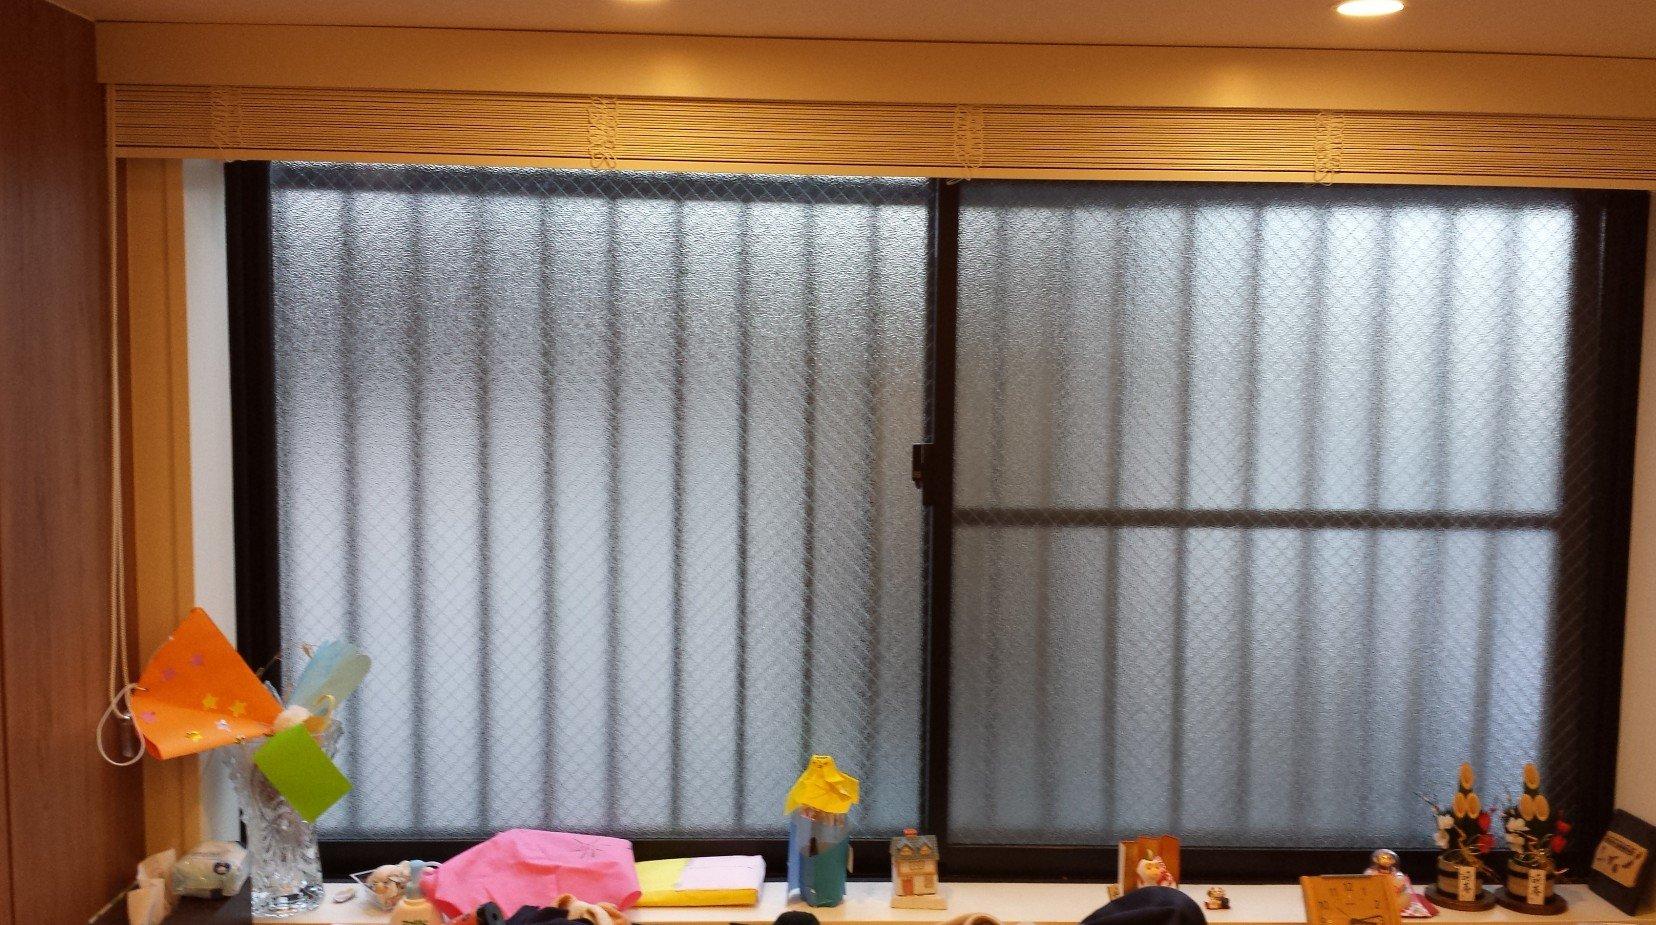 玄関にある引違い窓。1枚の横幅が120cmもあるため、やや高い価格帯の製品を購入する必要があります(とほほ)。